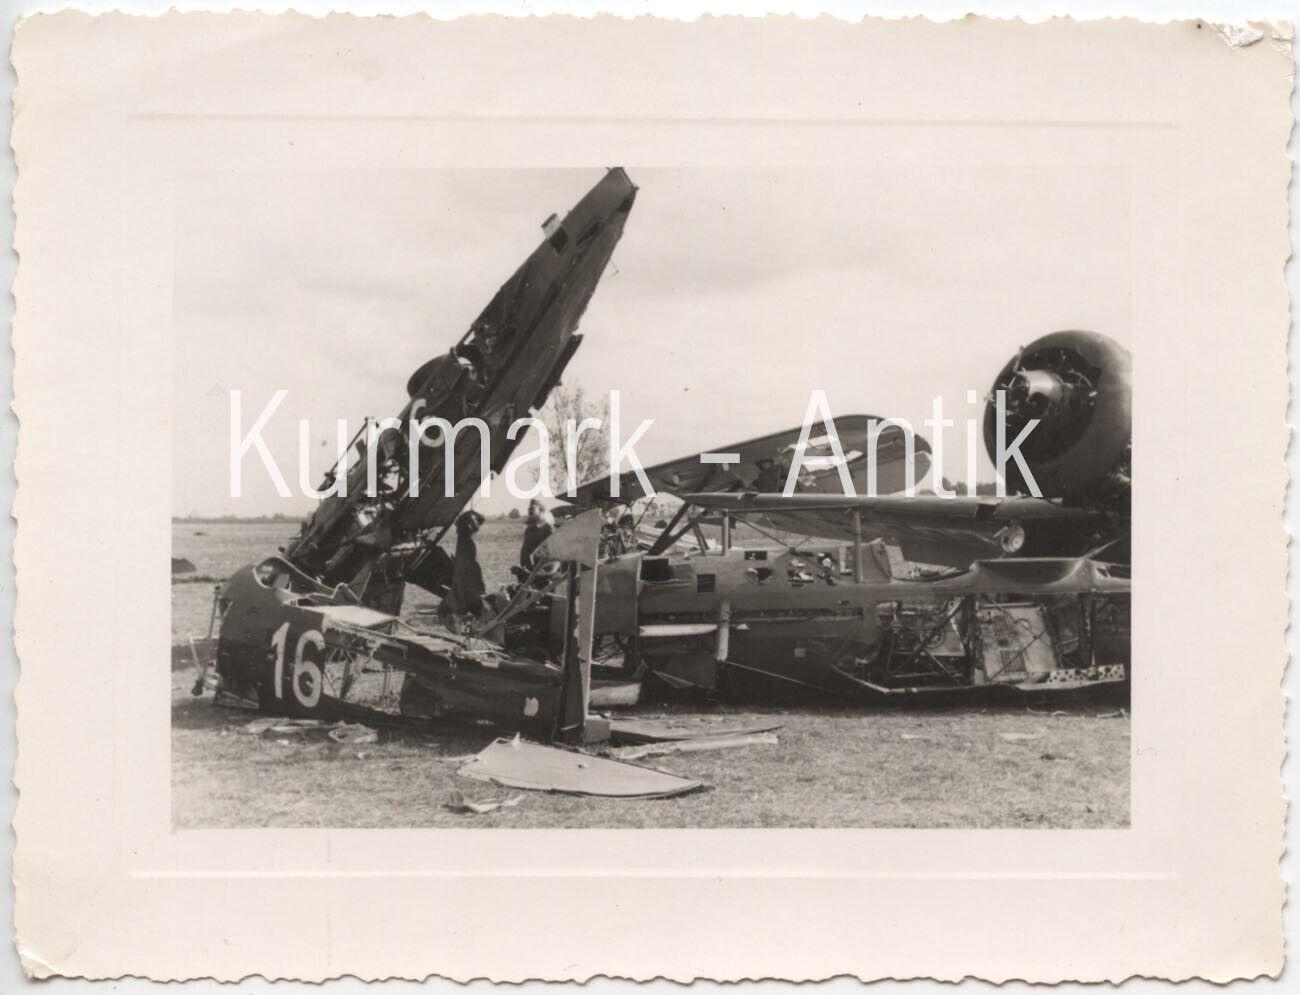 Bild 1 - AM216 Foto Wehrmacht Luftwaffe Flugzeug Beute Polen Frankreich Typ ?